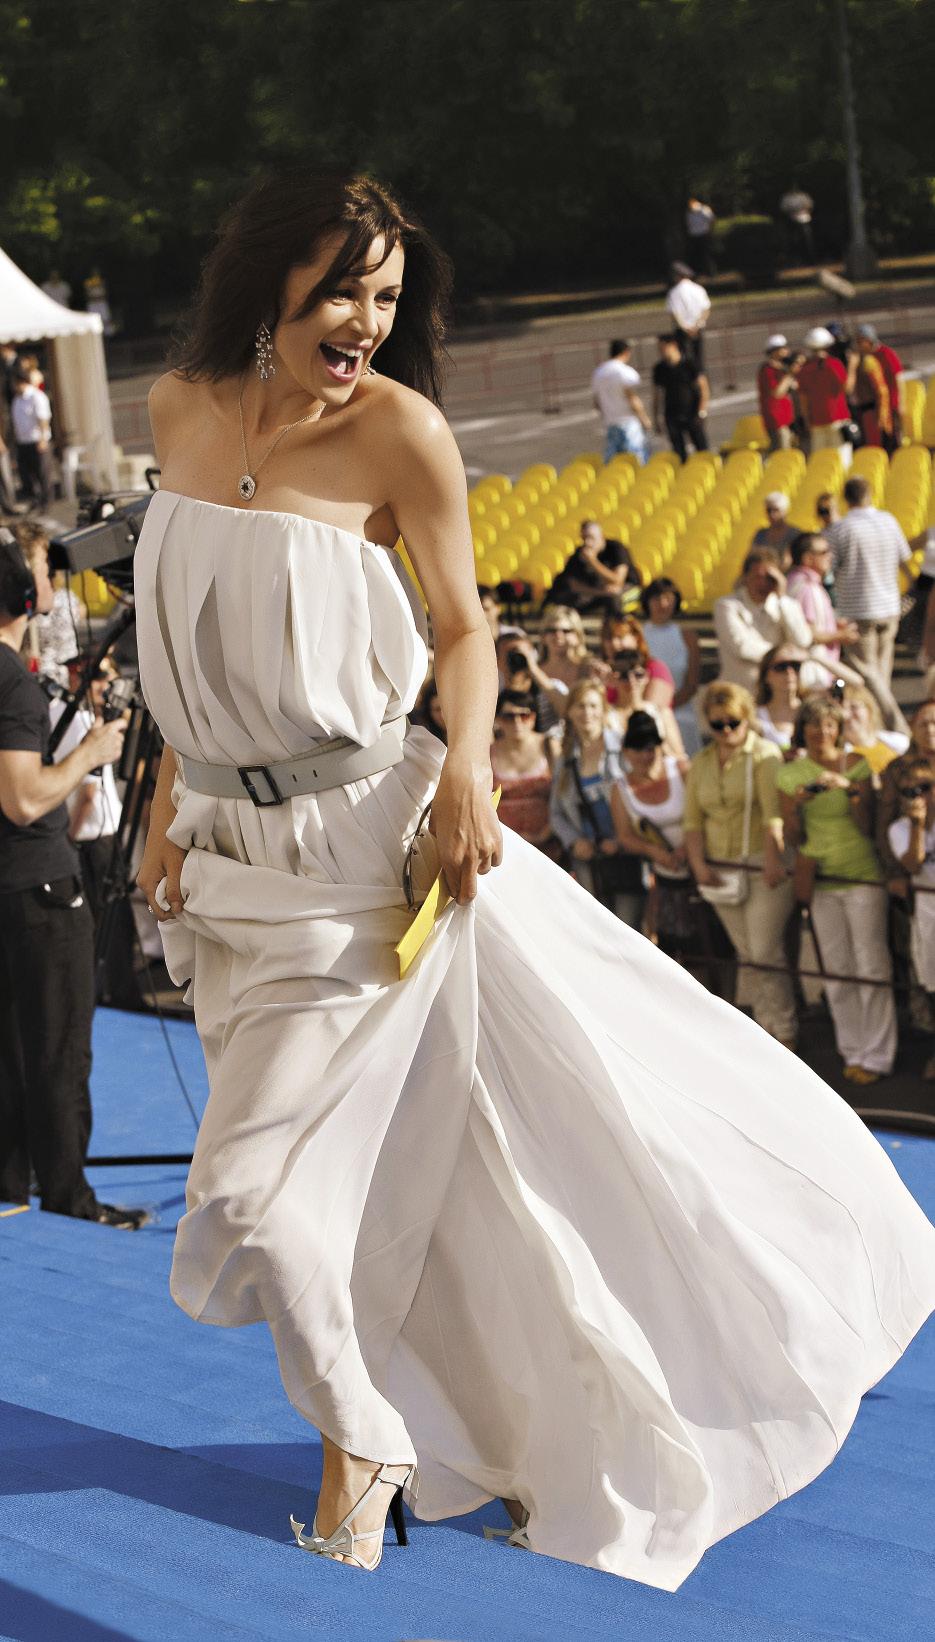 Перед началом церемонии закрытия XXIII фестиваля российского кино «Кинотавр».